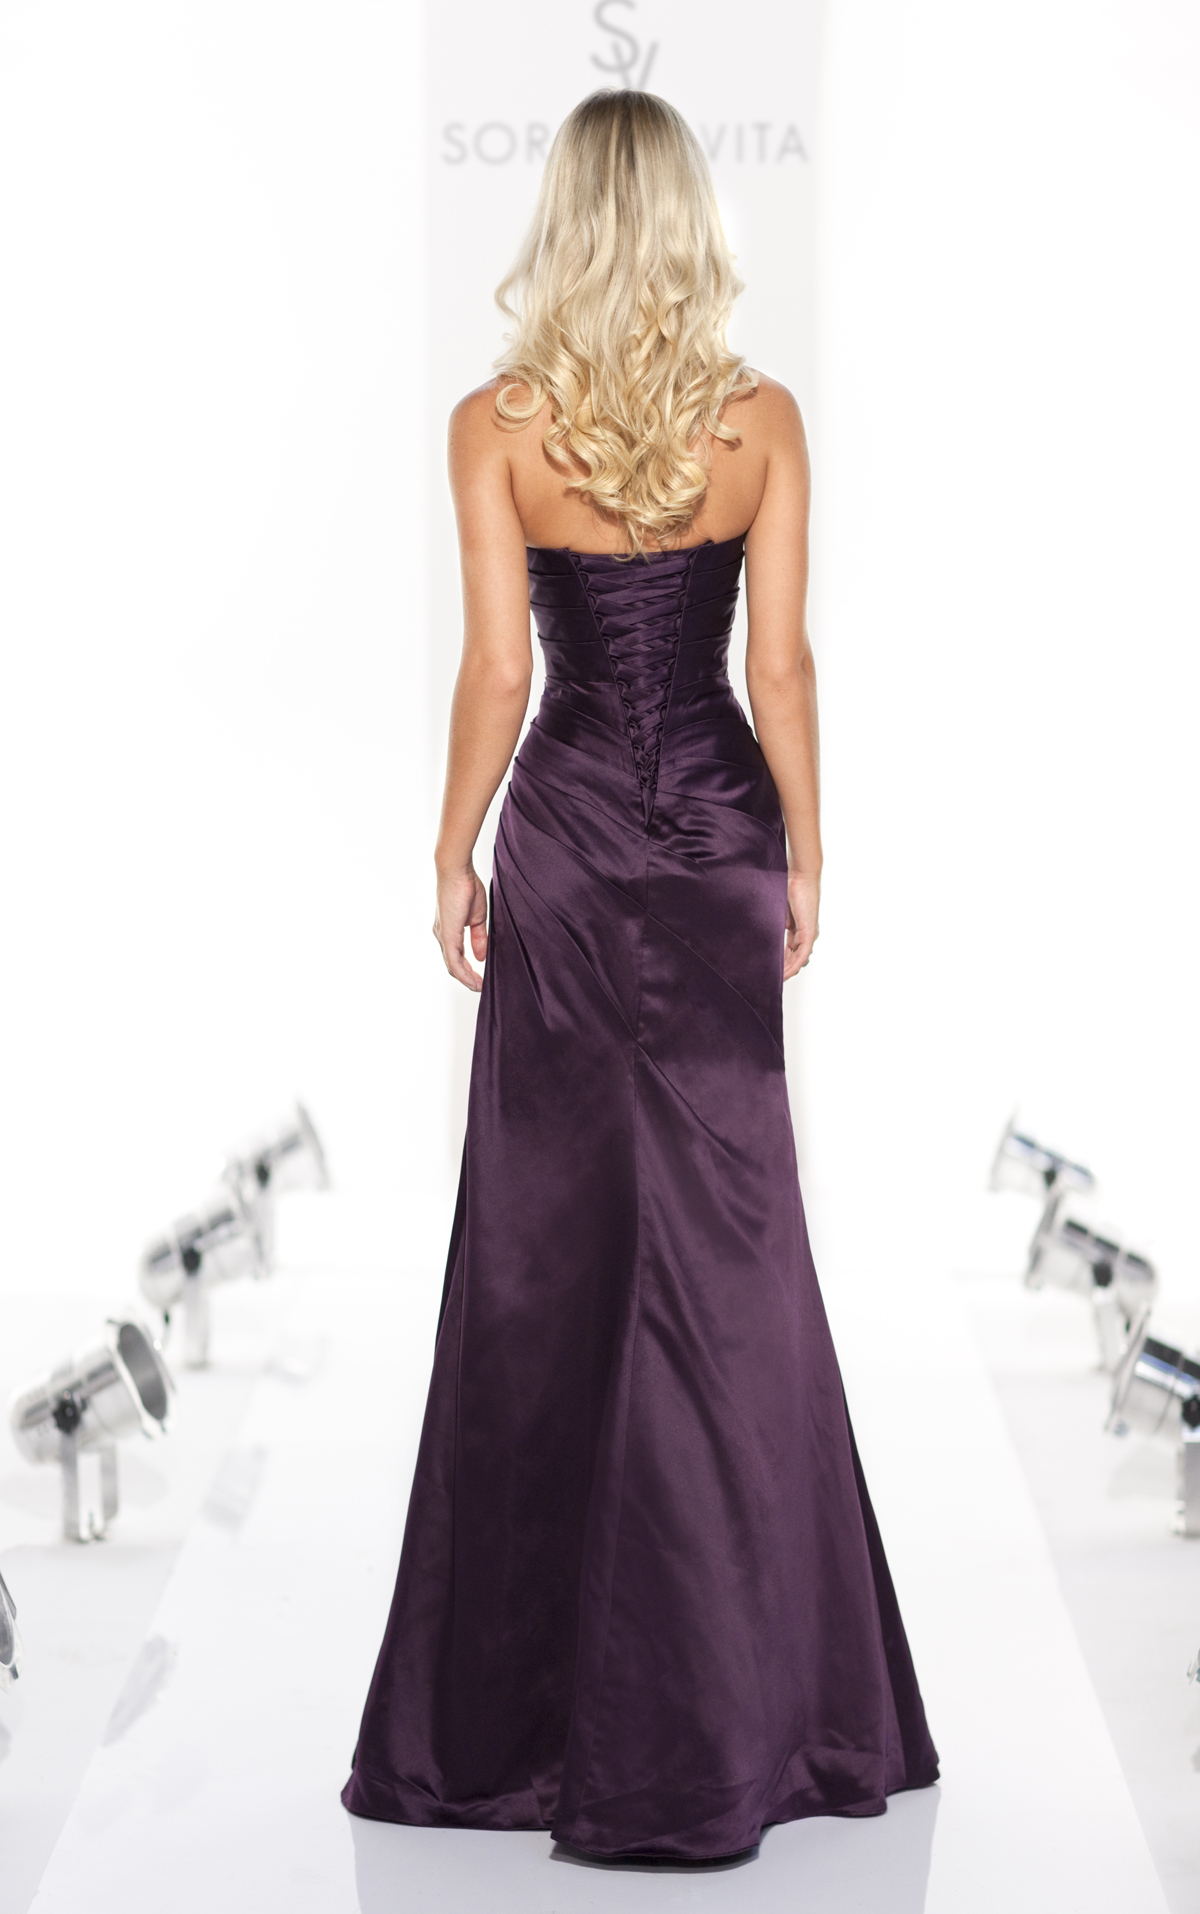 75d6a45091f Sorella Vita Bridesmaids Dresses